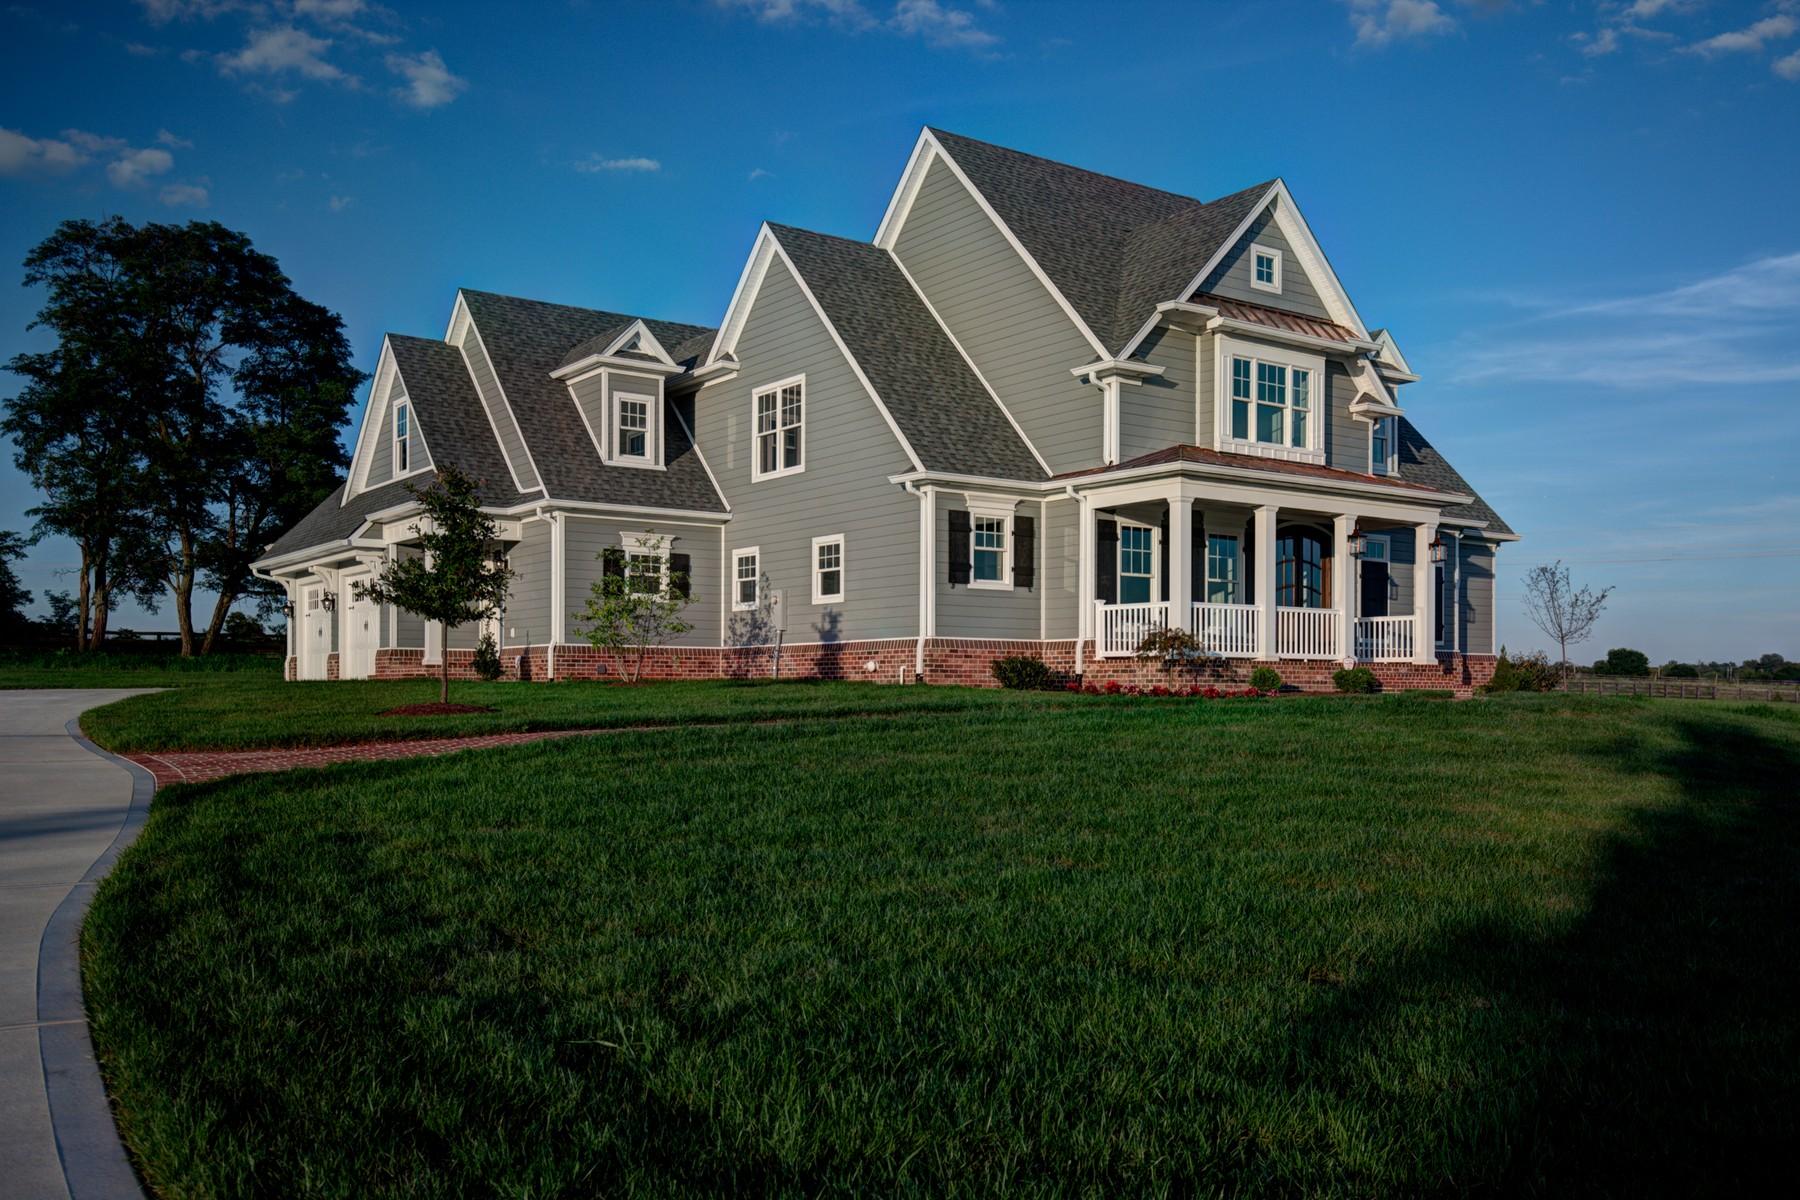 Villa per Vendita alle ore 208 The Oaks Blvd Nicholasville, Kentucky, 40356 Stati Uniti